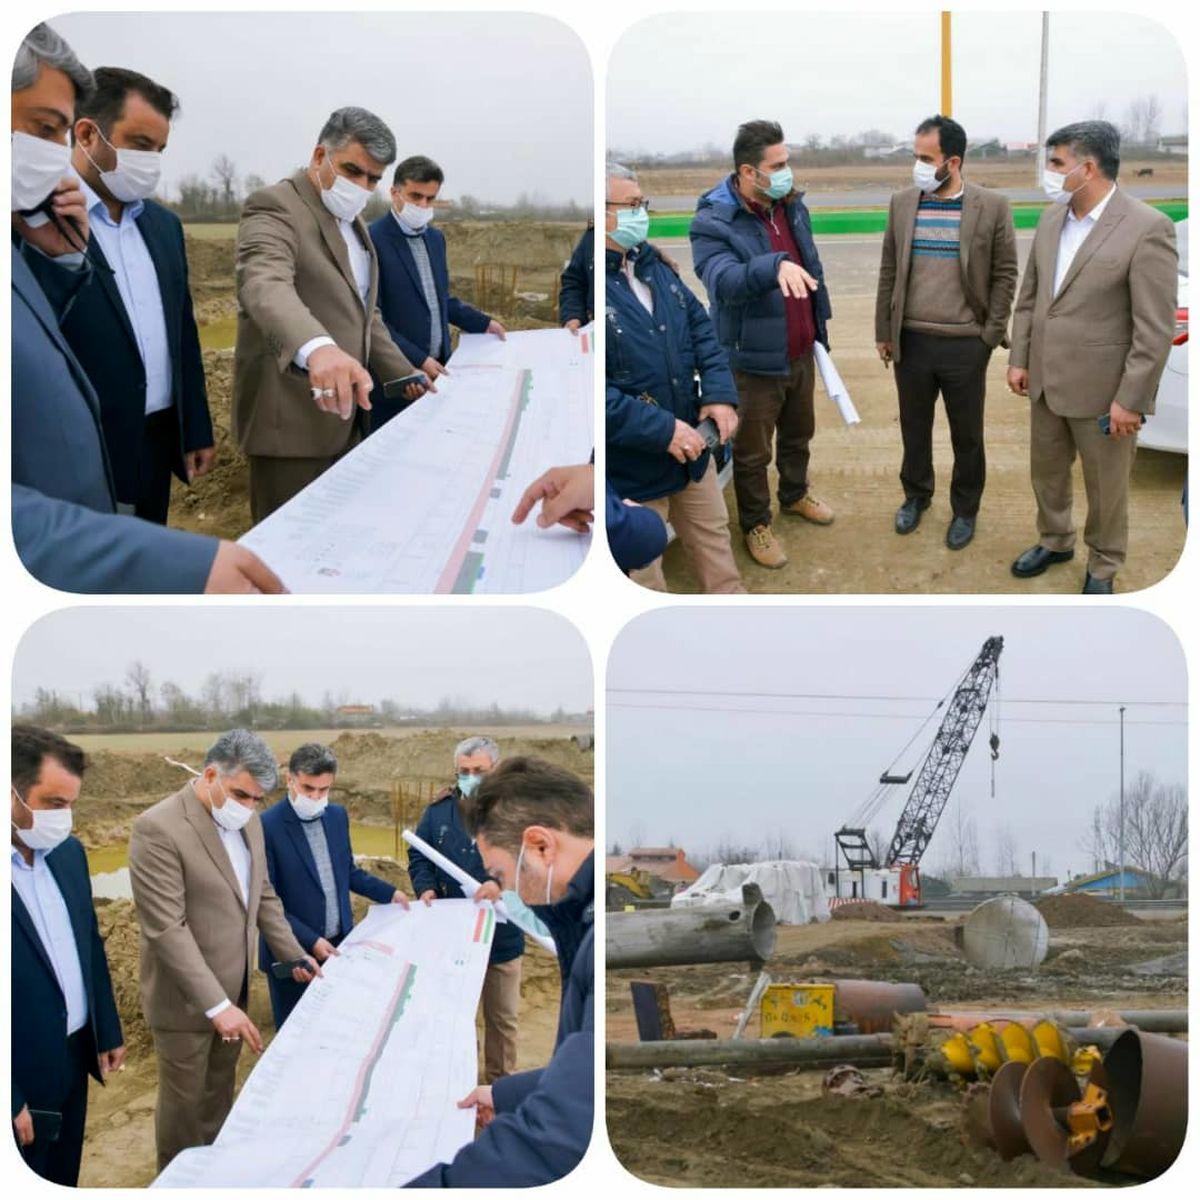 پیگیری های ویژه از پروژه اتصال راه آهن به منطقه آزاد انزلی